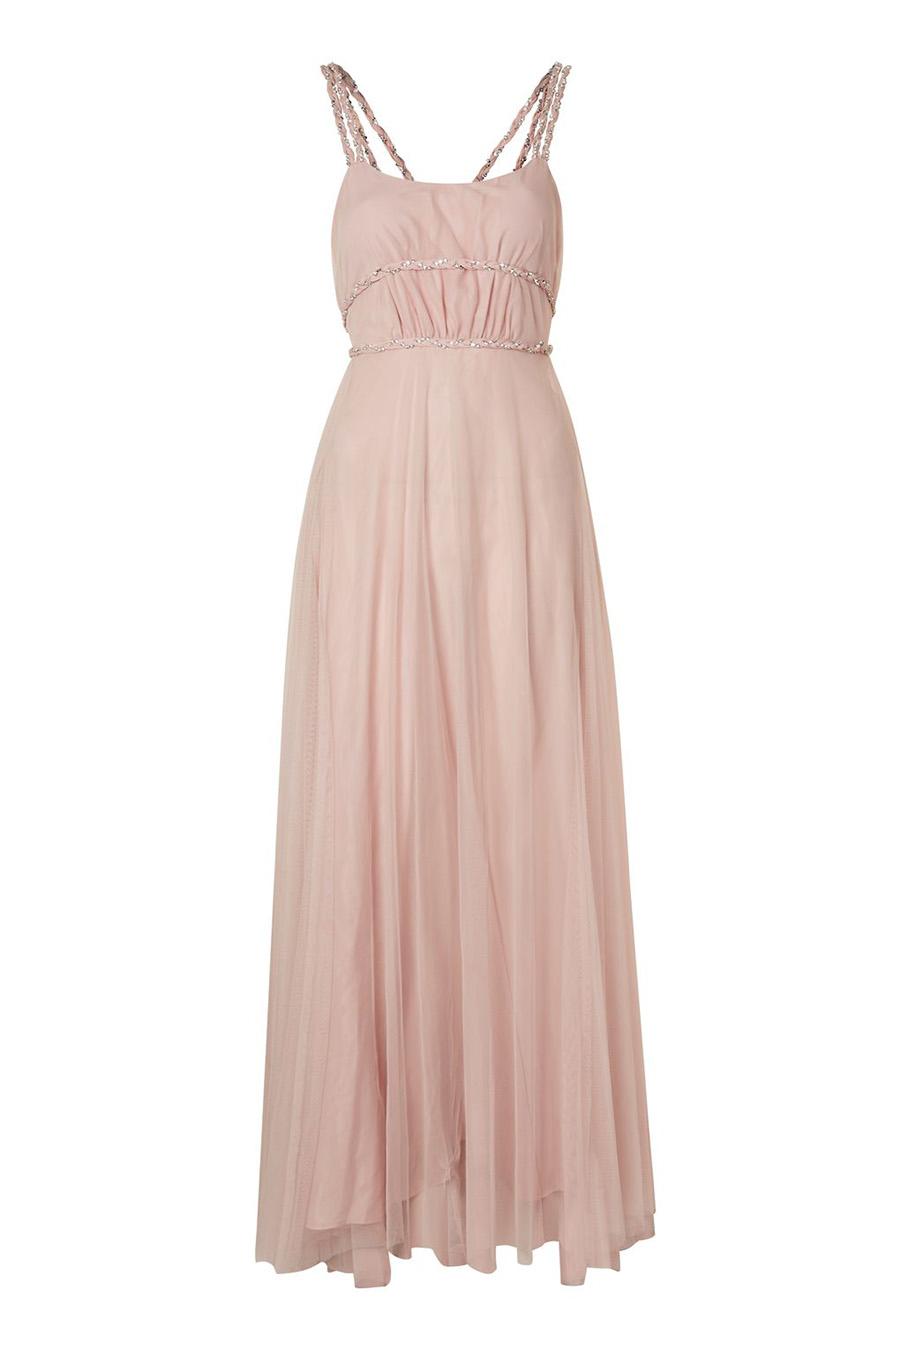 Los 12 vestidos largos en los que invertir en las rebajas de verano ...